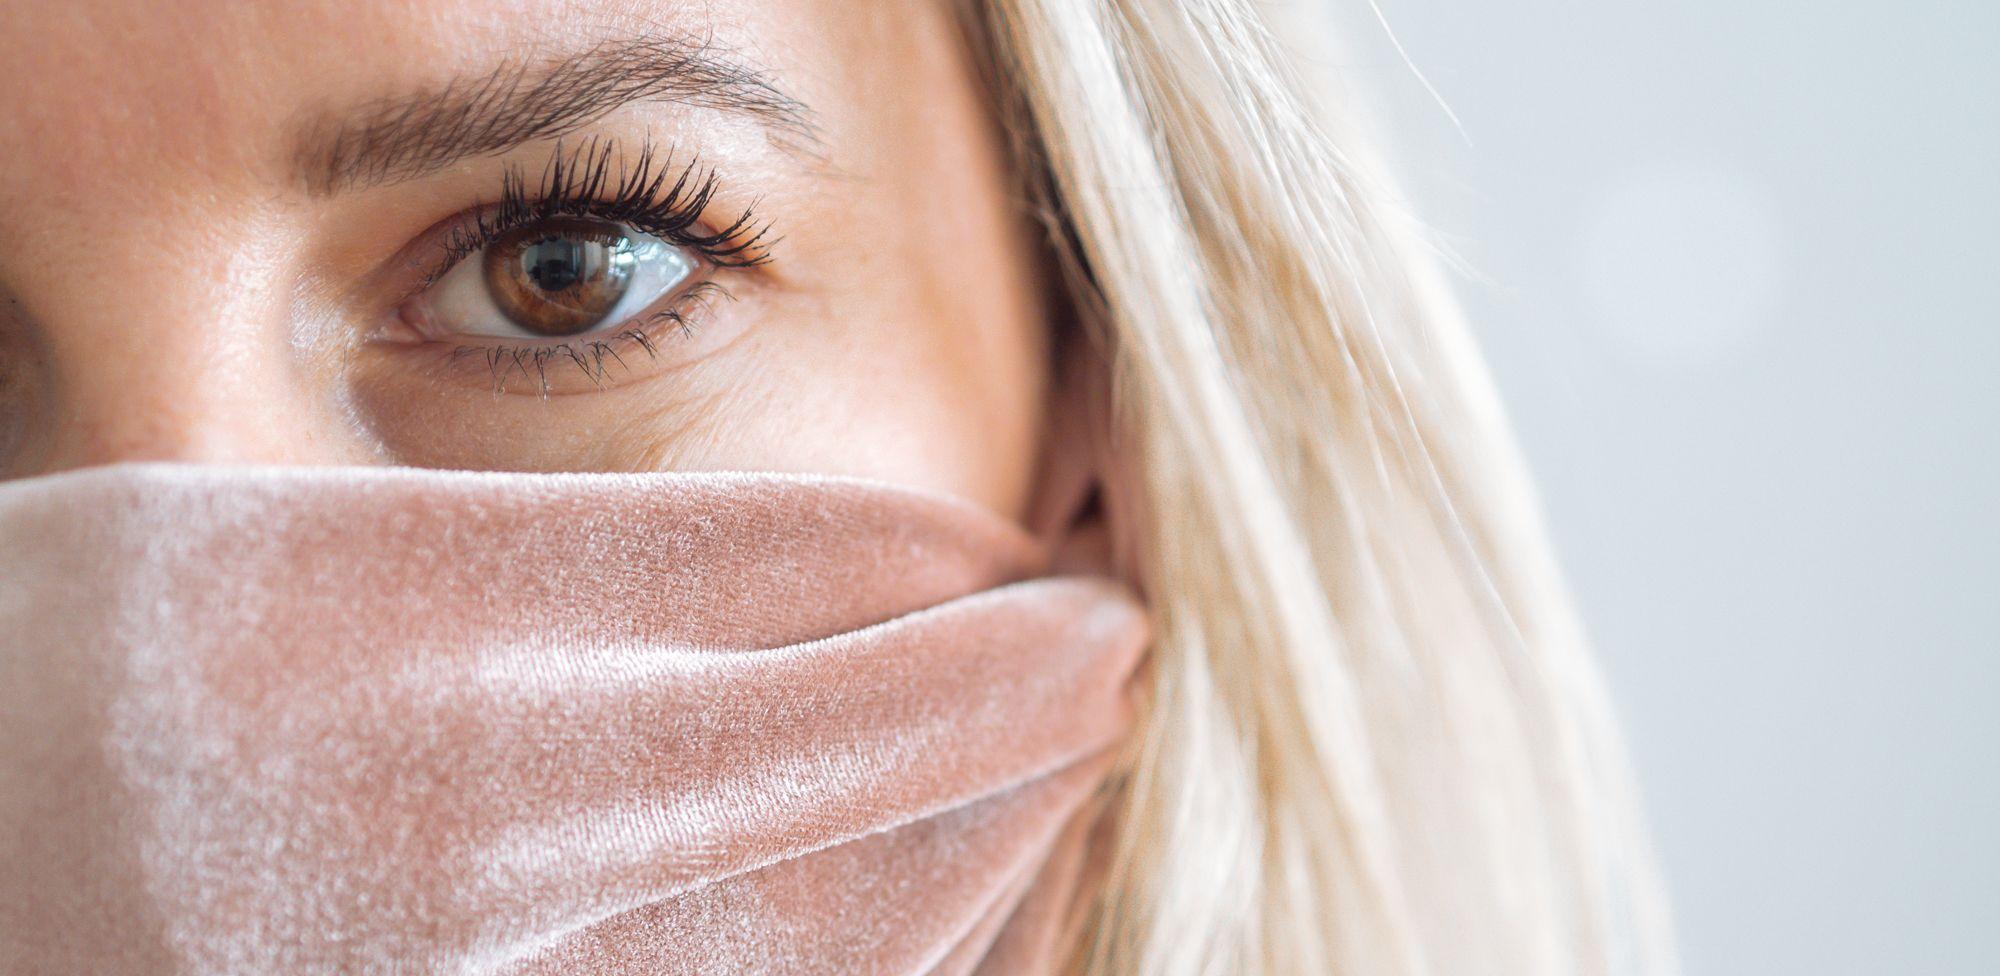 Covid-19 Mund-Nasen-Schutz selber machen: schnelles DIY für Personen mit kleinem